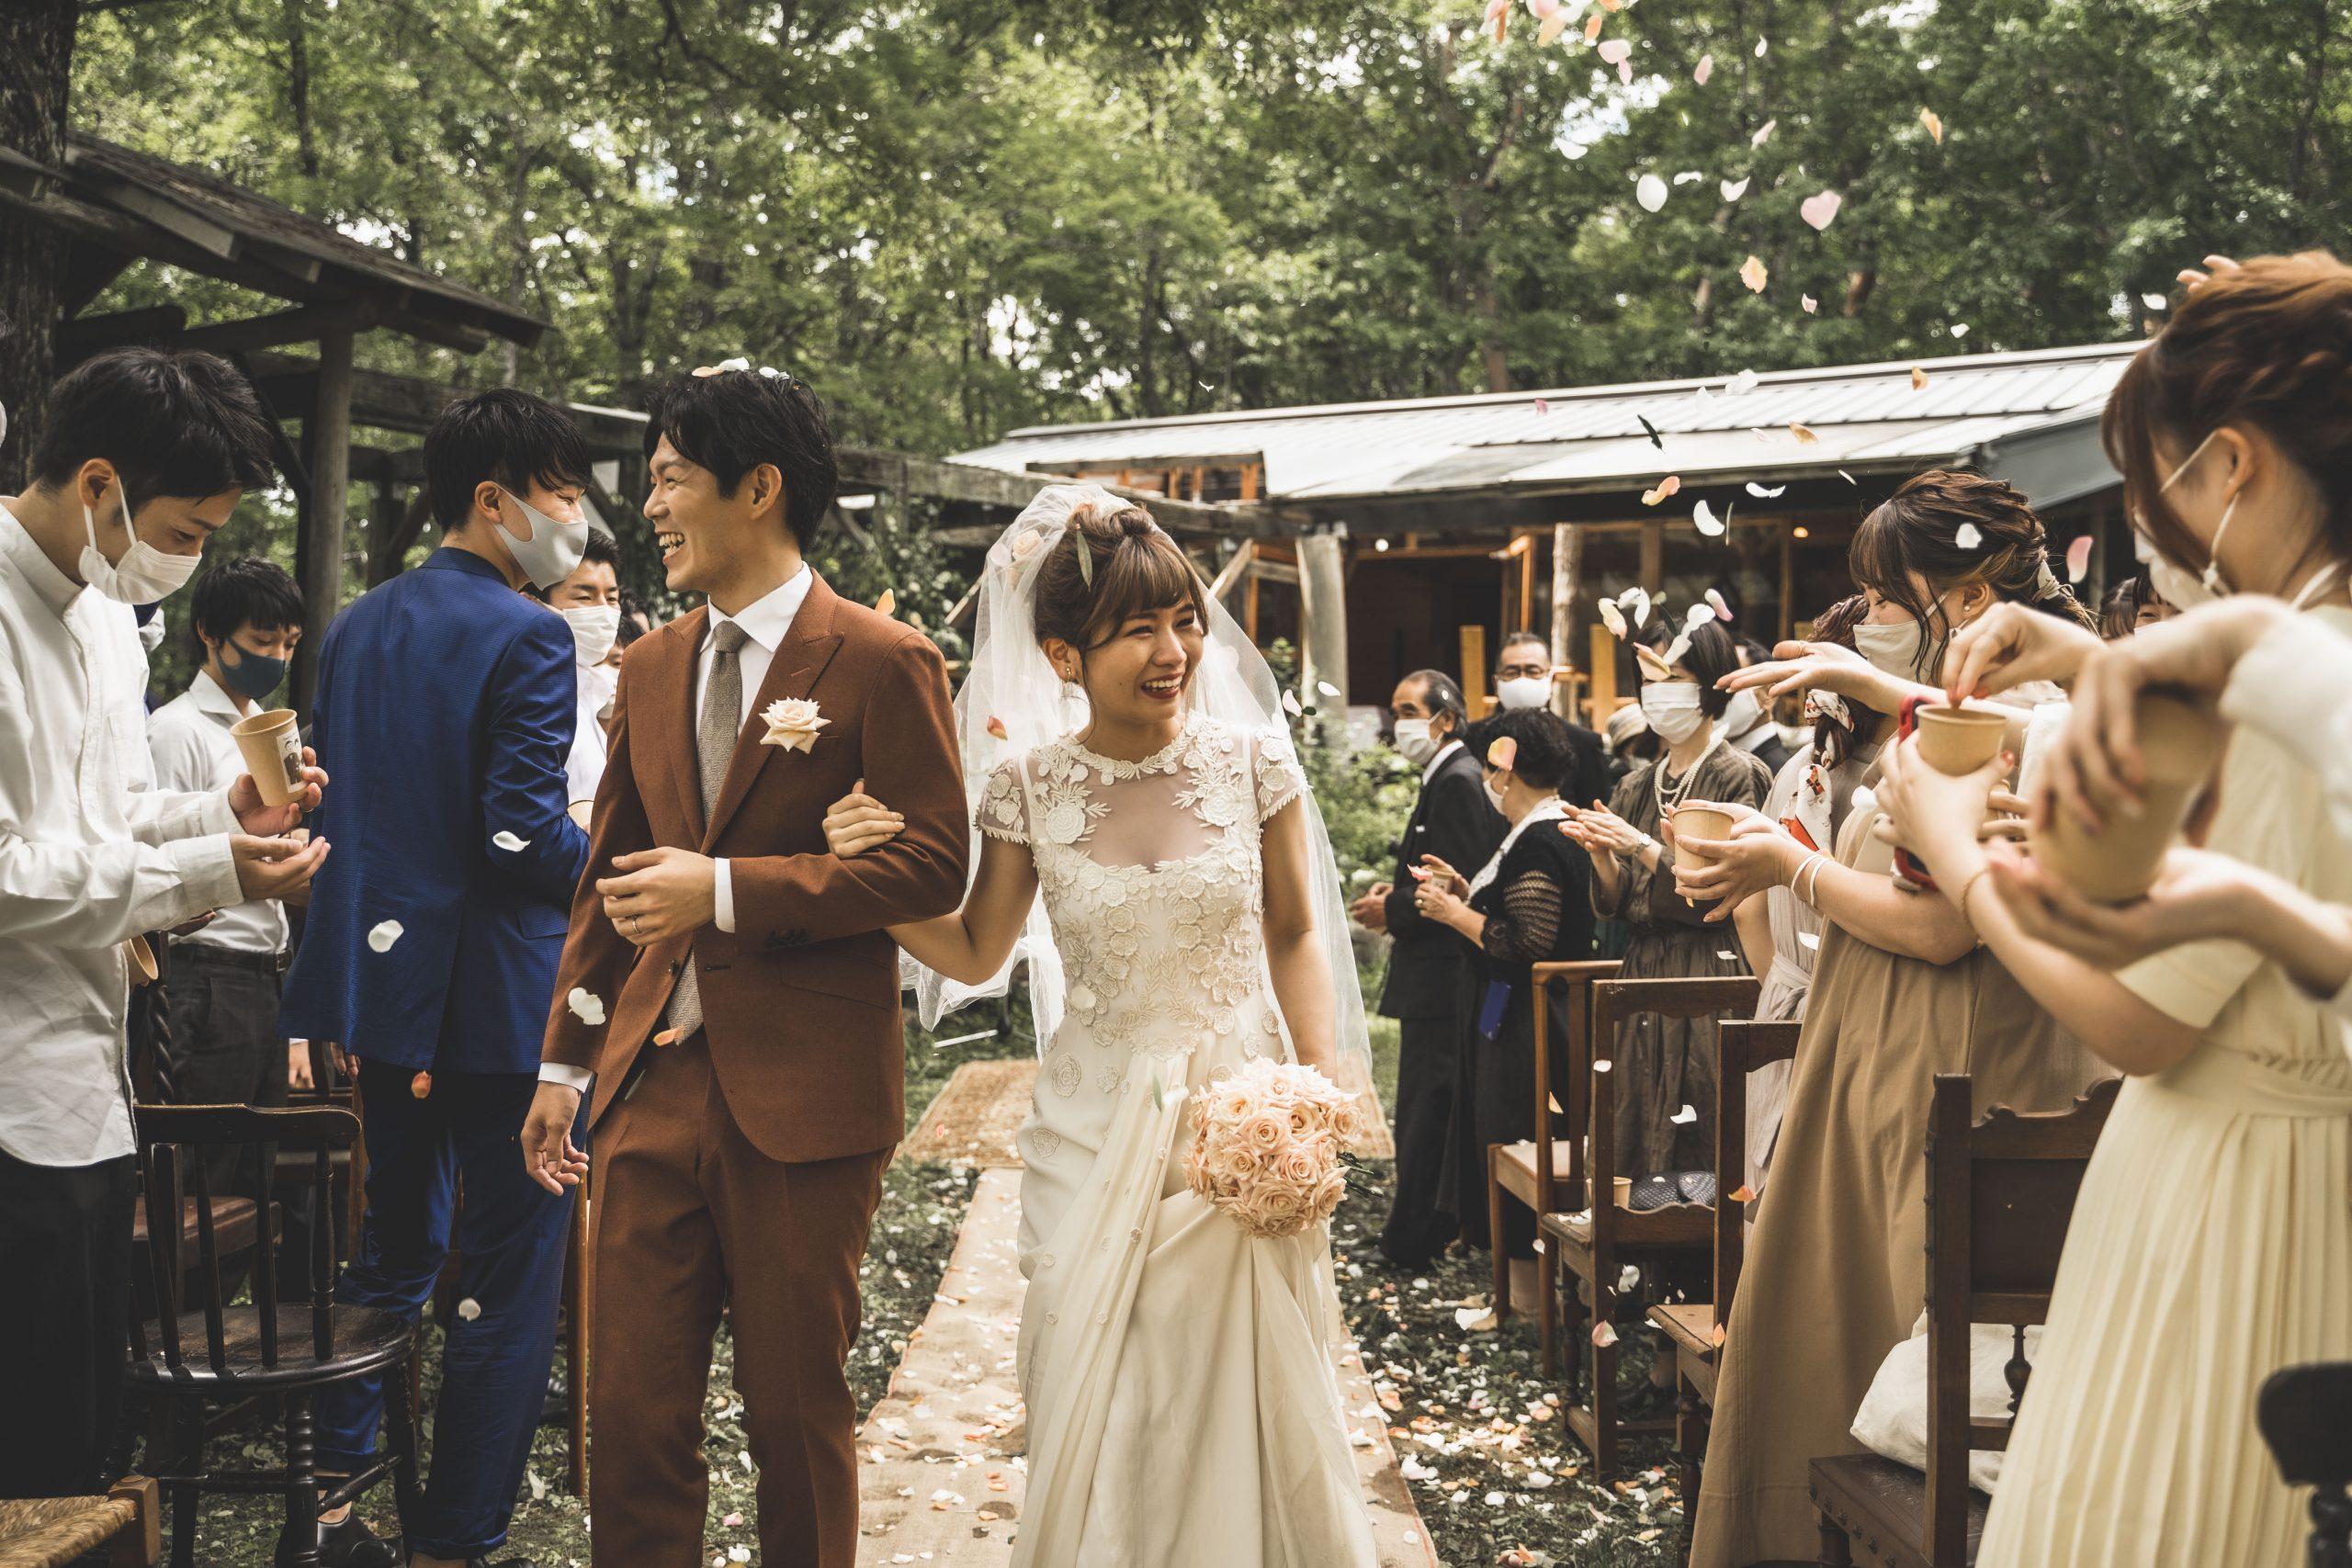 森の中の結婚式での新郎新婦